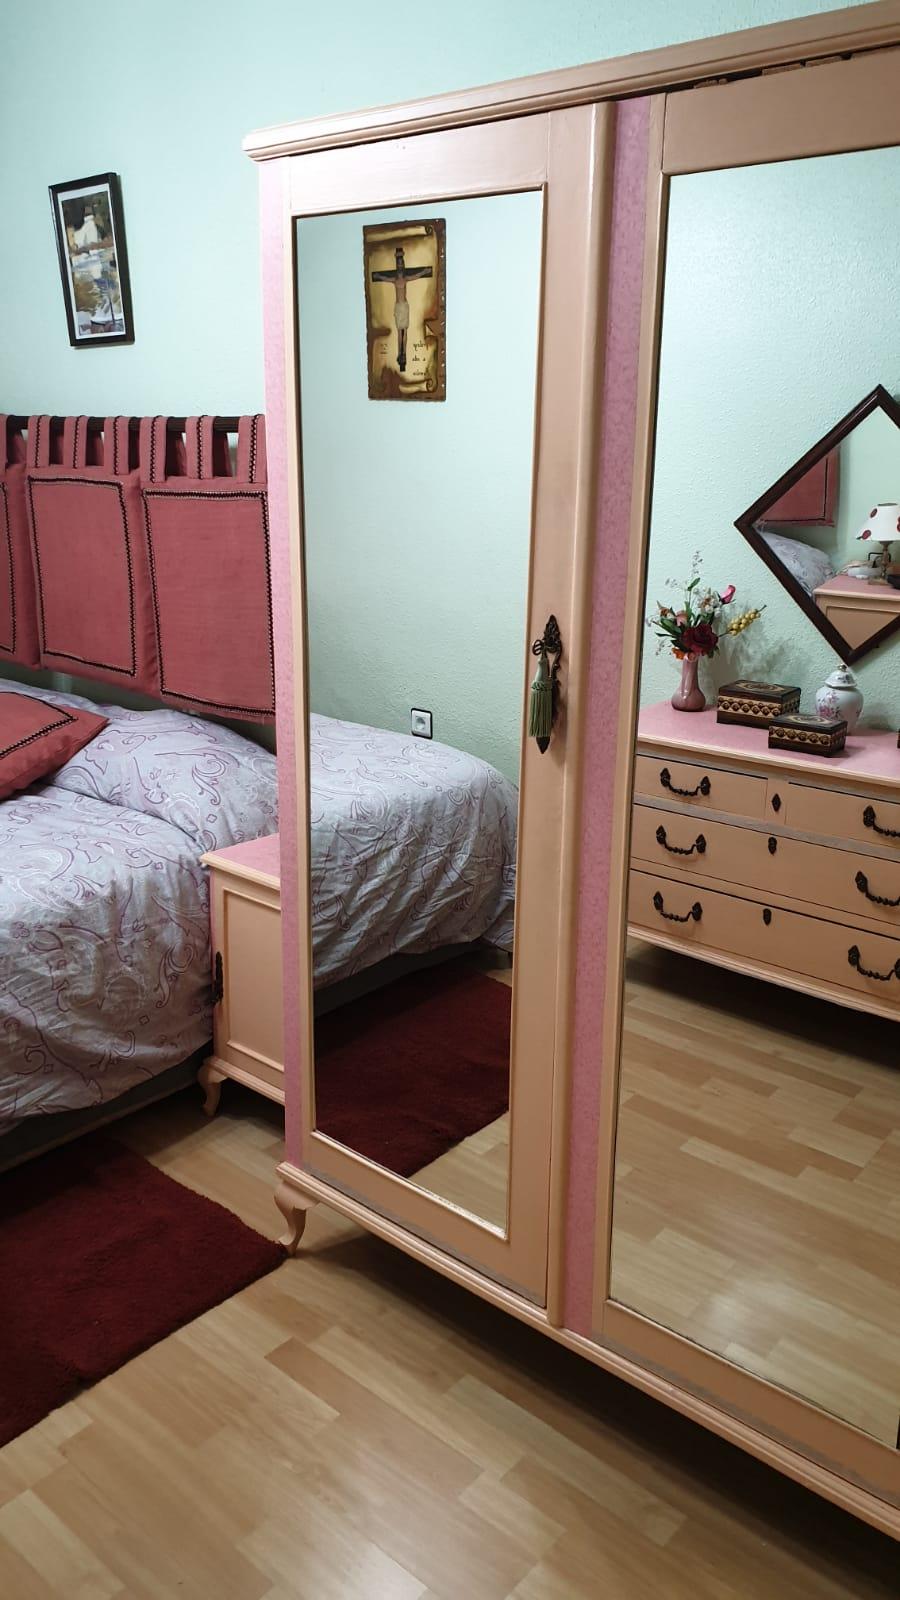 Piso de tres dormitorios junto a corte inglés (REF: 26) - foto 16 27baba79-2c36-484f-a2ed-eebdd108a50a.jpg